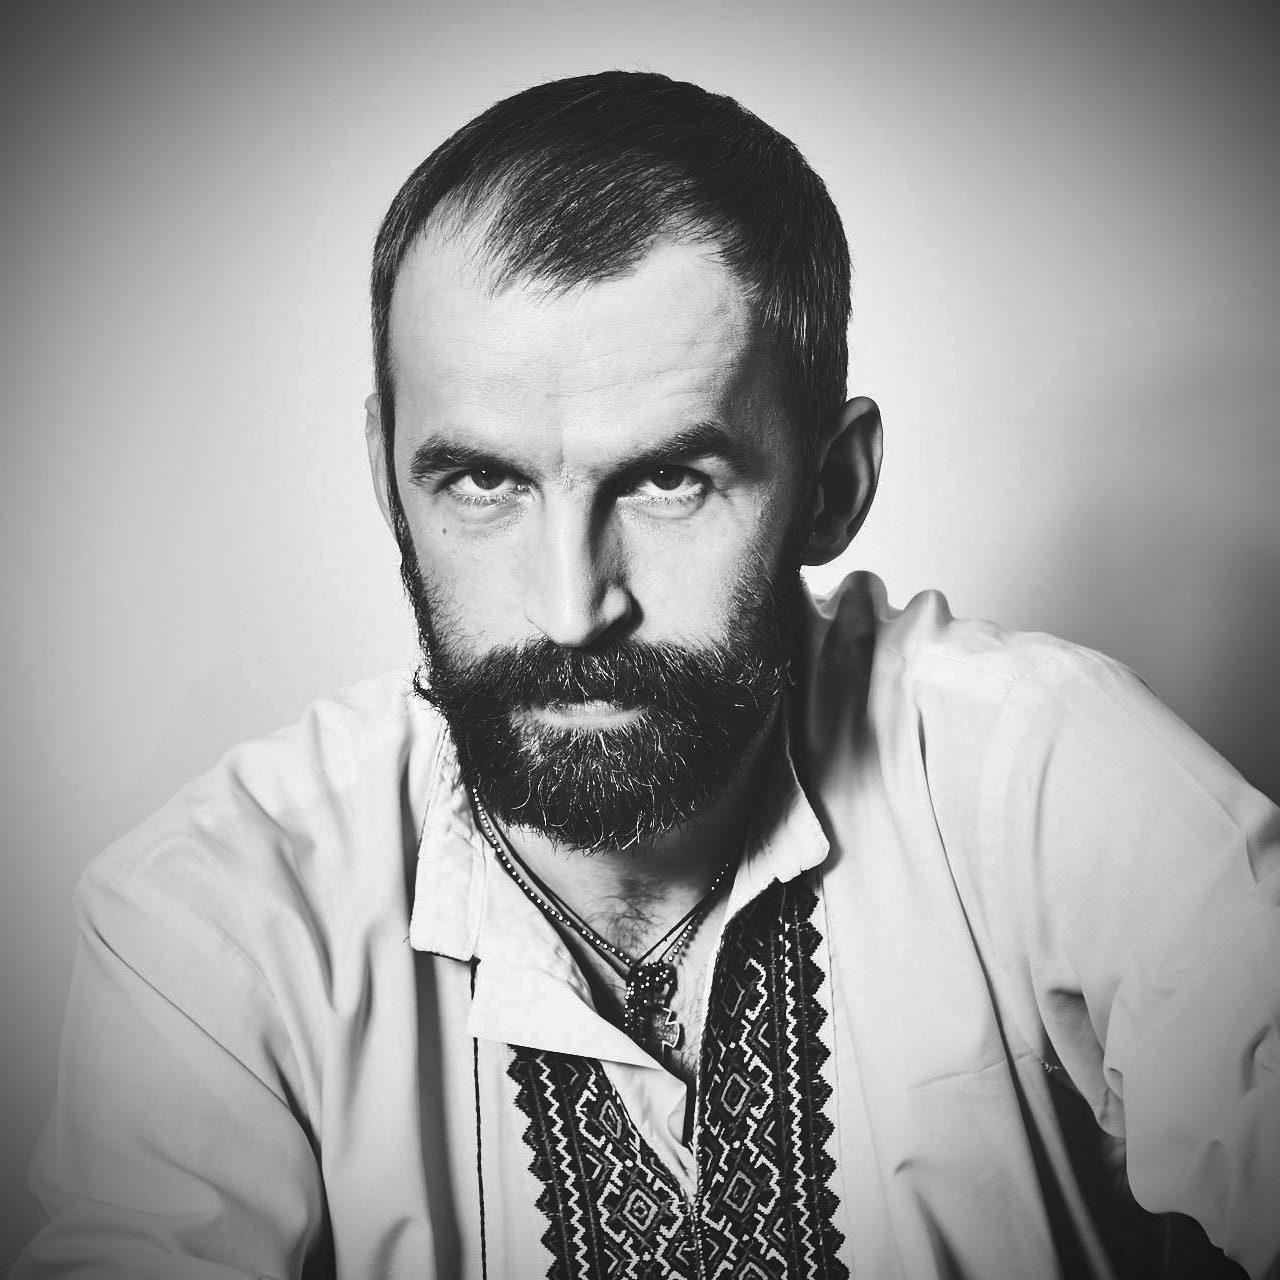 yeremeenko - <b>В Украине можно получить семь лет тюрьмы за убийство и столько же — за продажу интимных фото.</b> Рассказываем, почему это так - Заборона